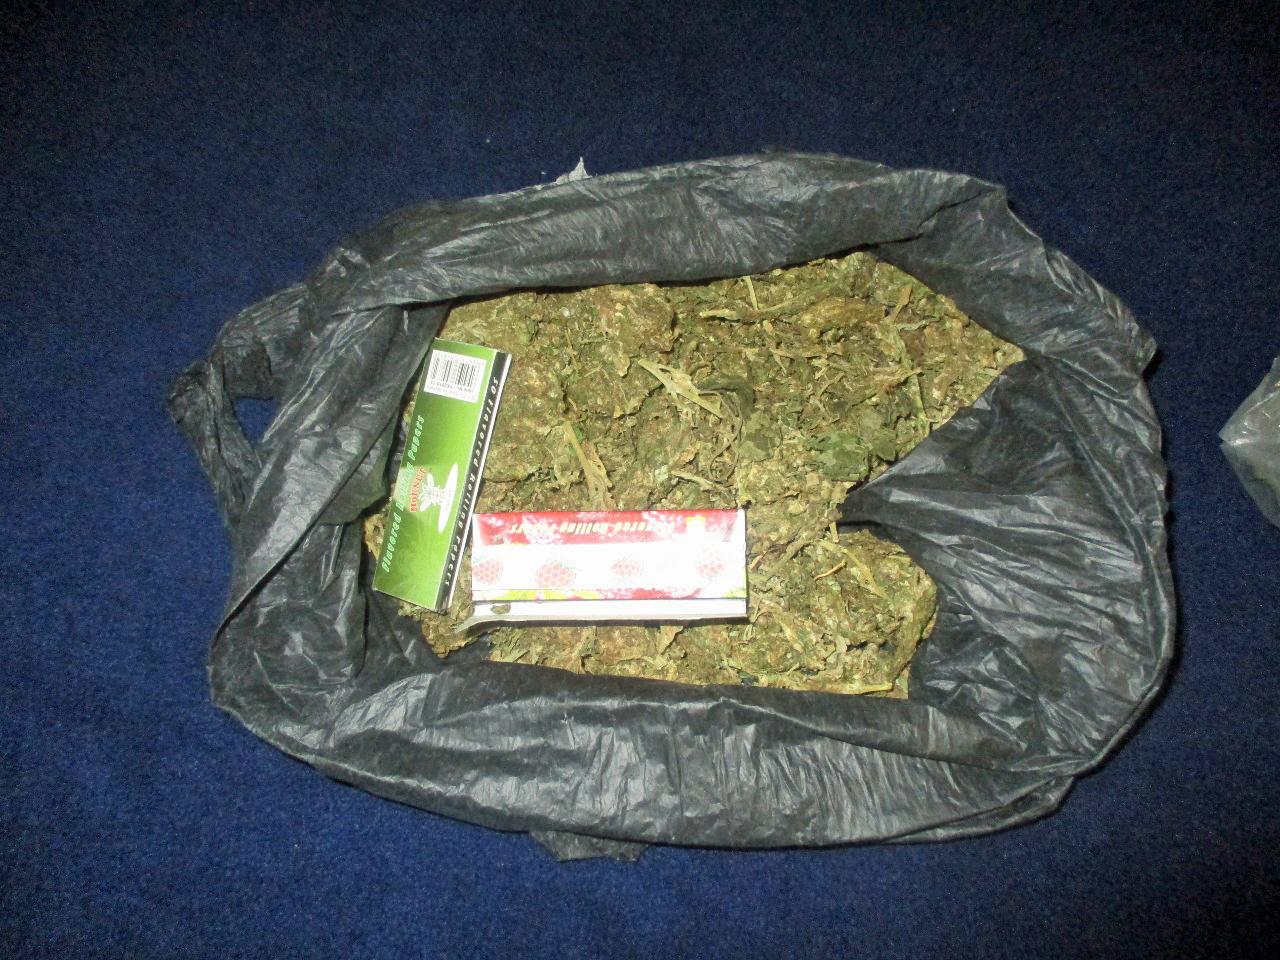 Asegura policía de San Pedro Cholula a sujeto con marihuana